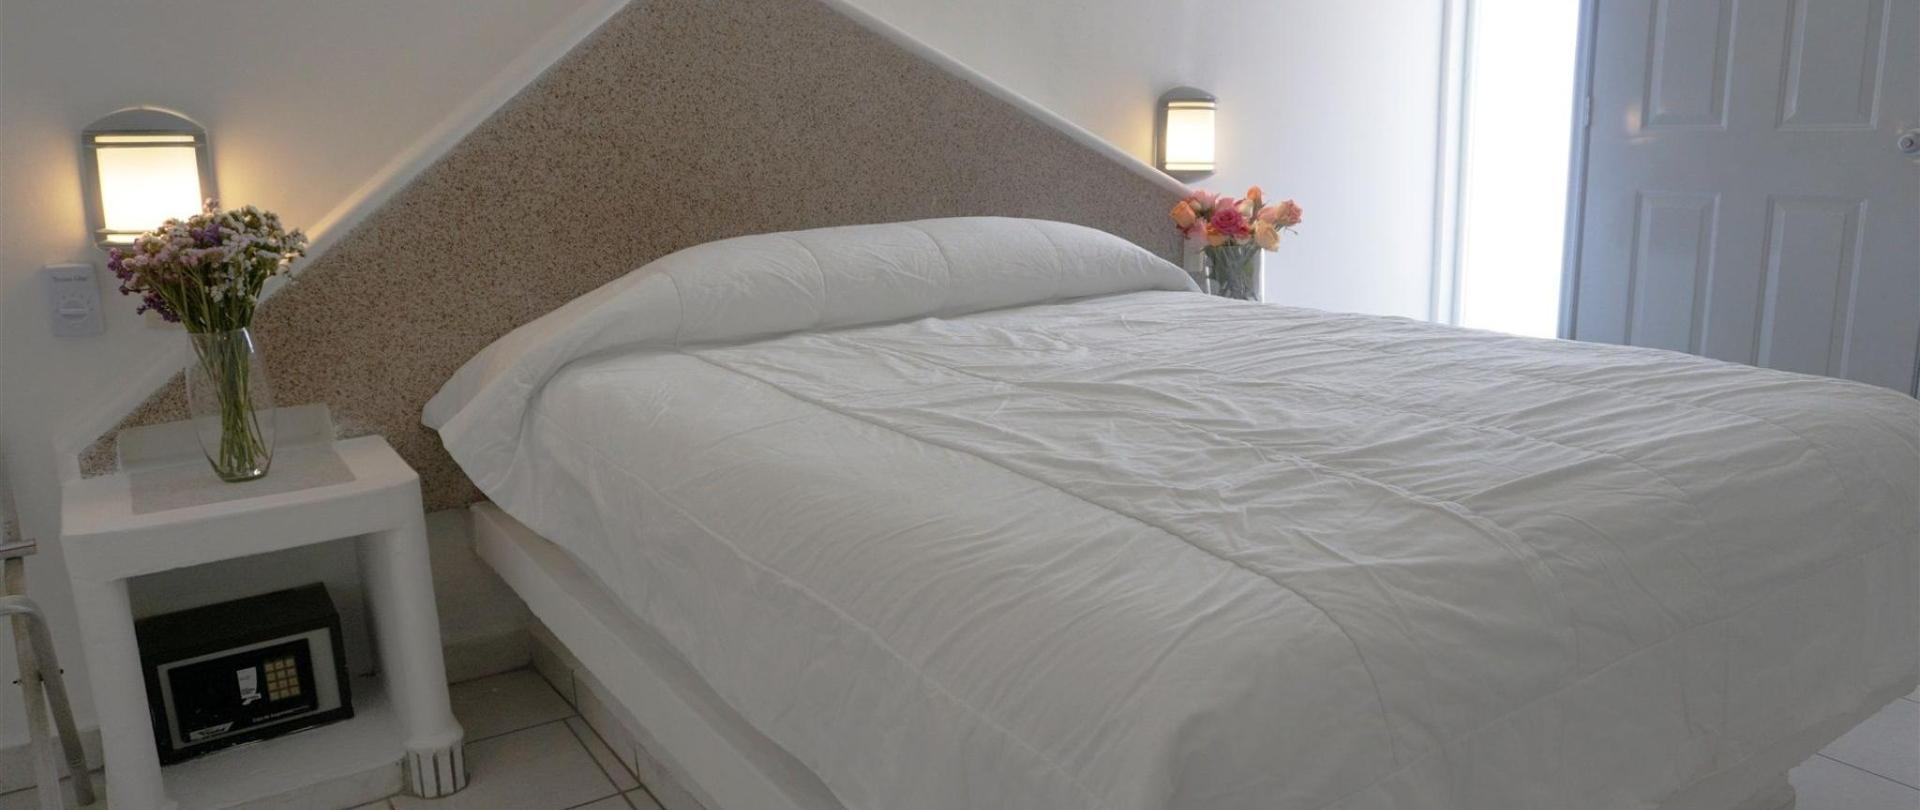 Leon Hotel Espanha